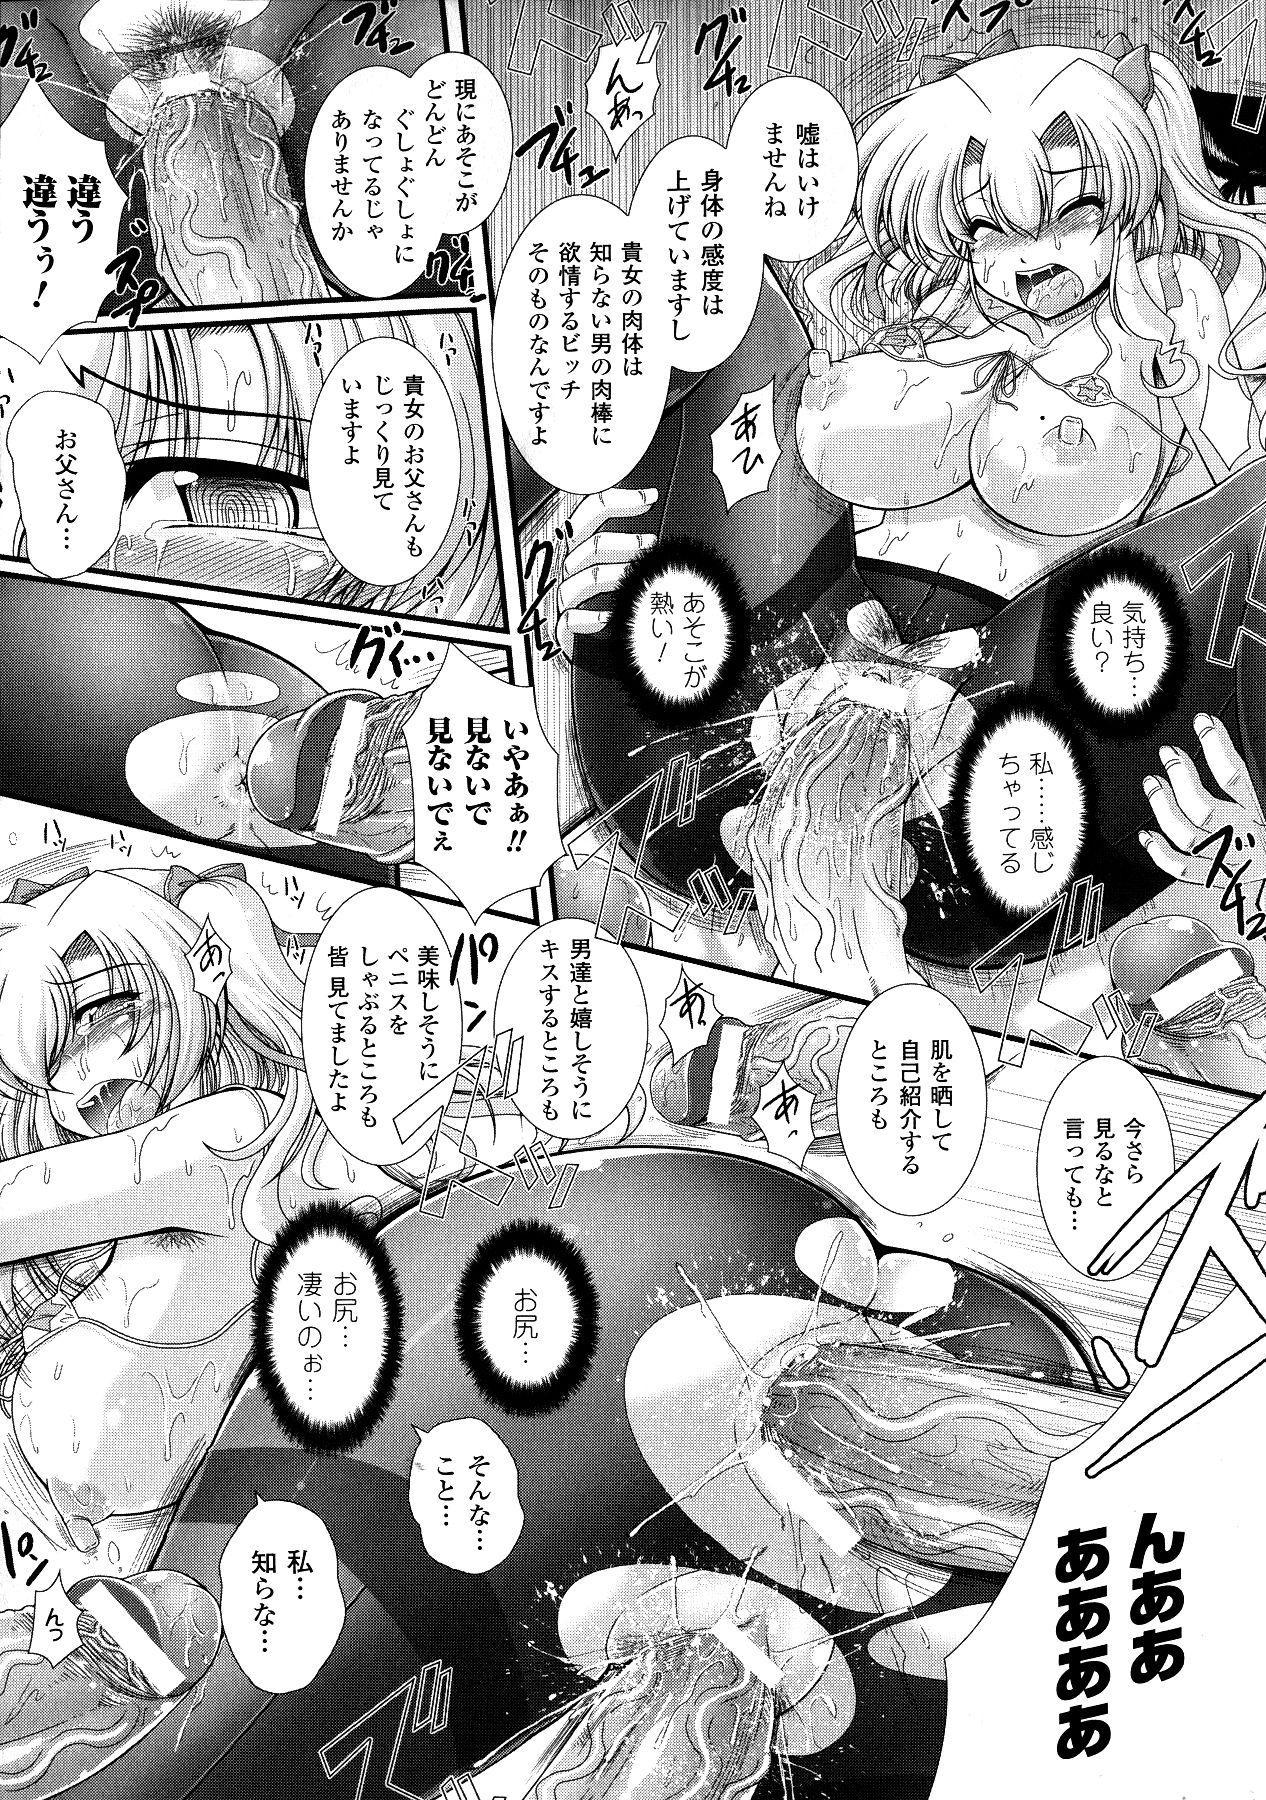 Akuma no Shitsumon 48